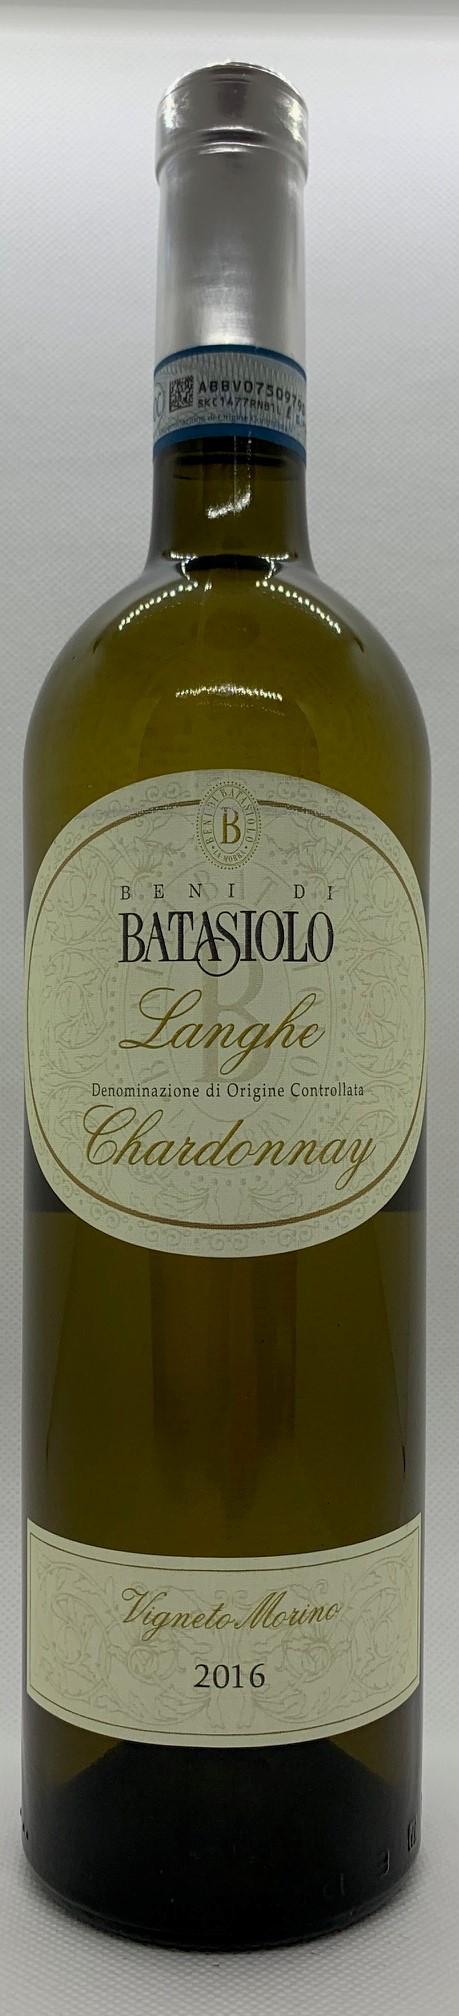 Batasiolo Langhe Chardonnay, Piemont, 2016, trocken